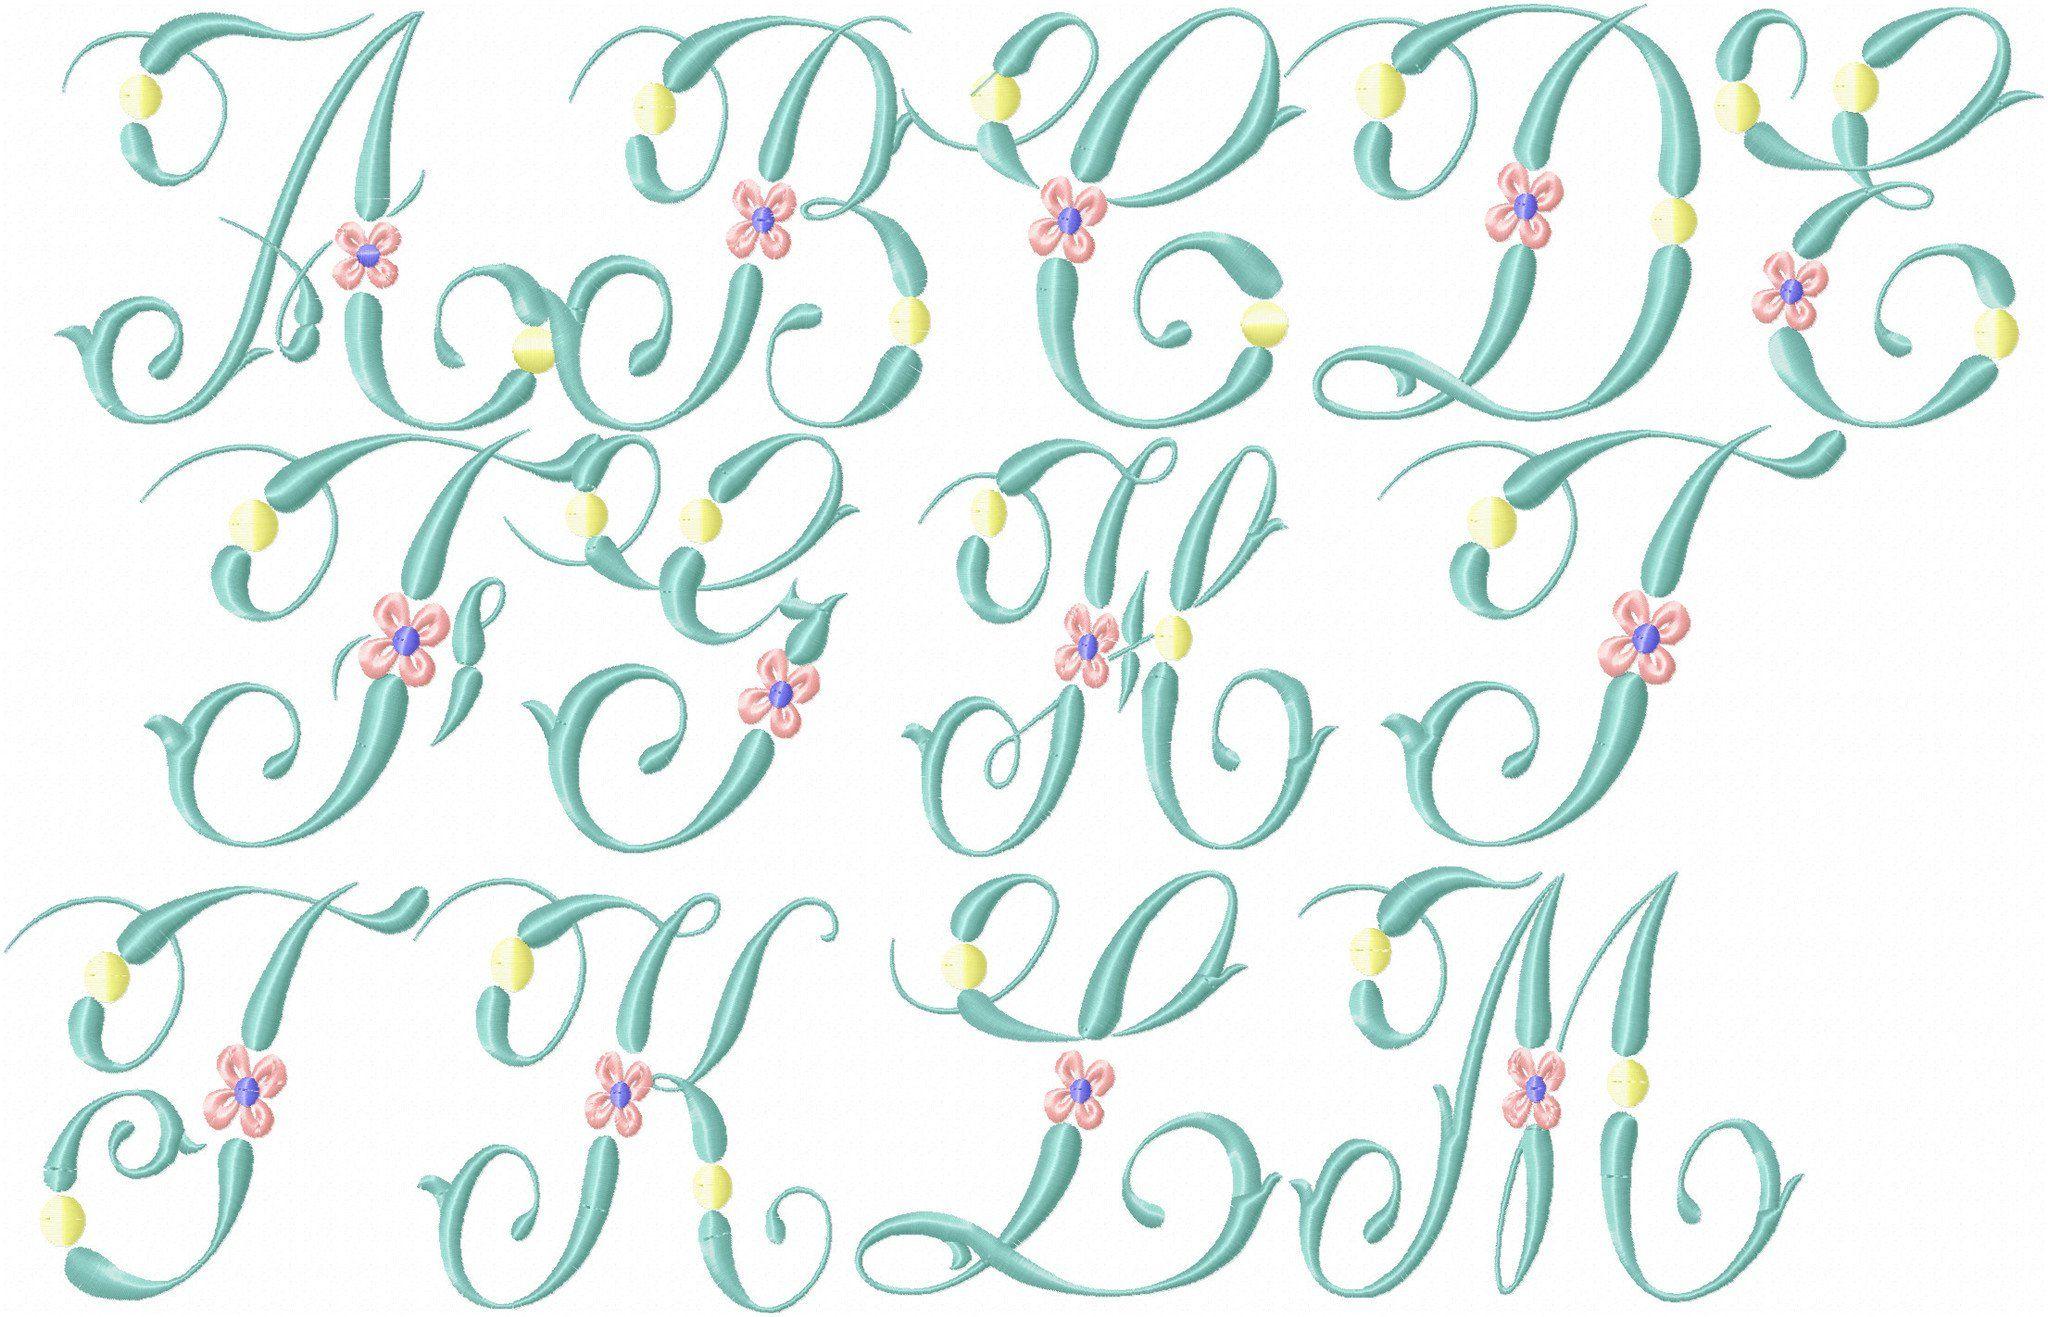 Springtime Vintage Font In 2020 Vintage Fonts Embroidery Fonts Spring Time